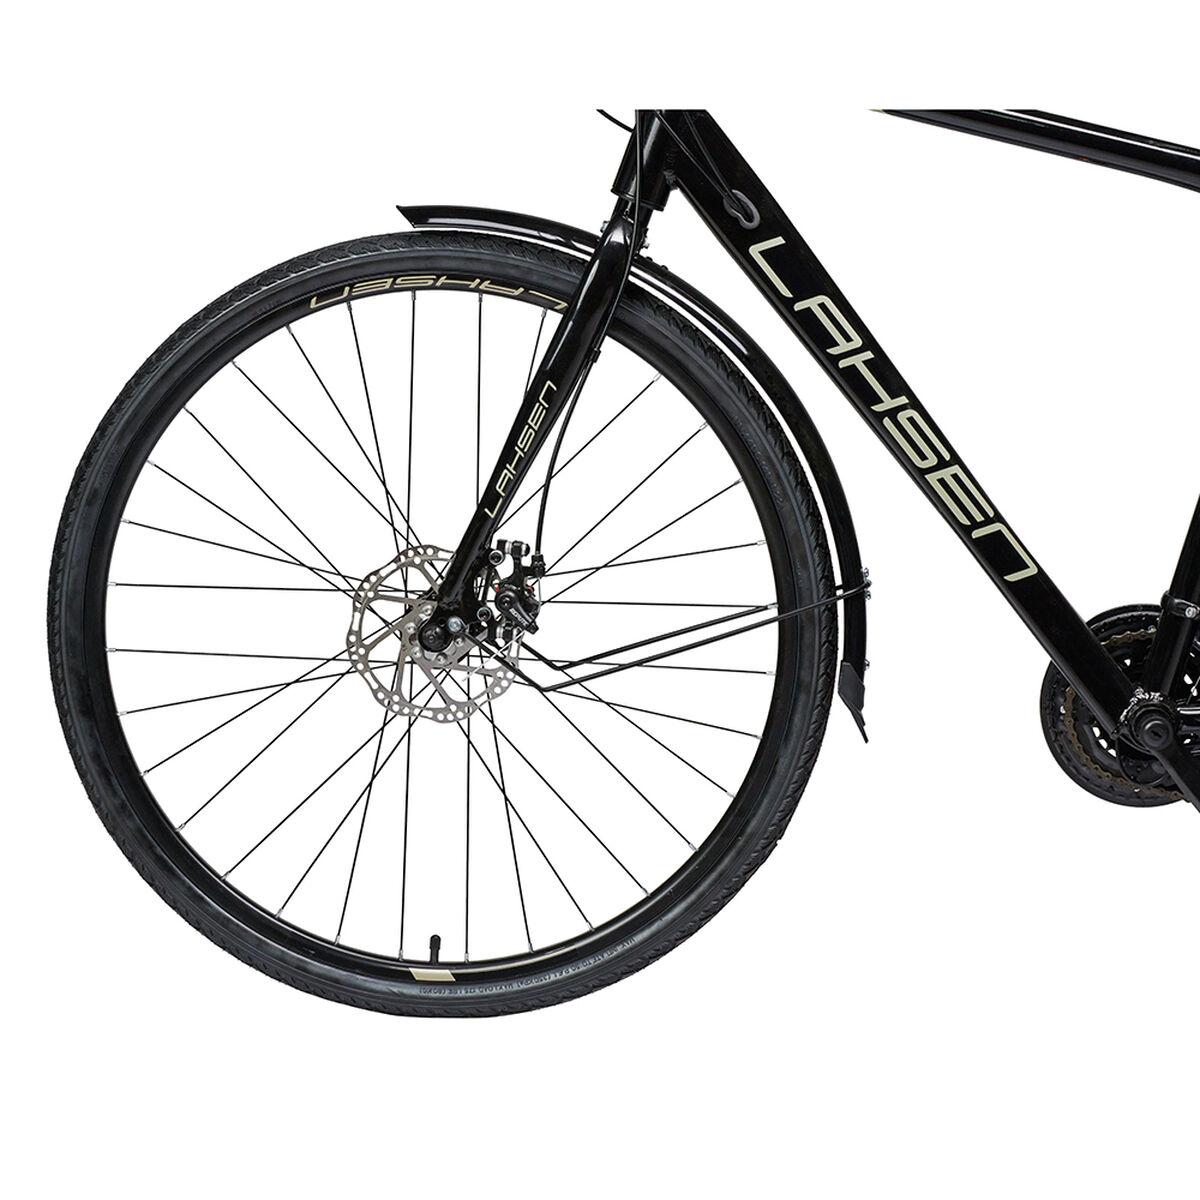 Bicicleta de Paseo Lahsen Bollen Aro 28